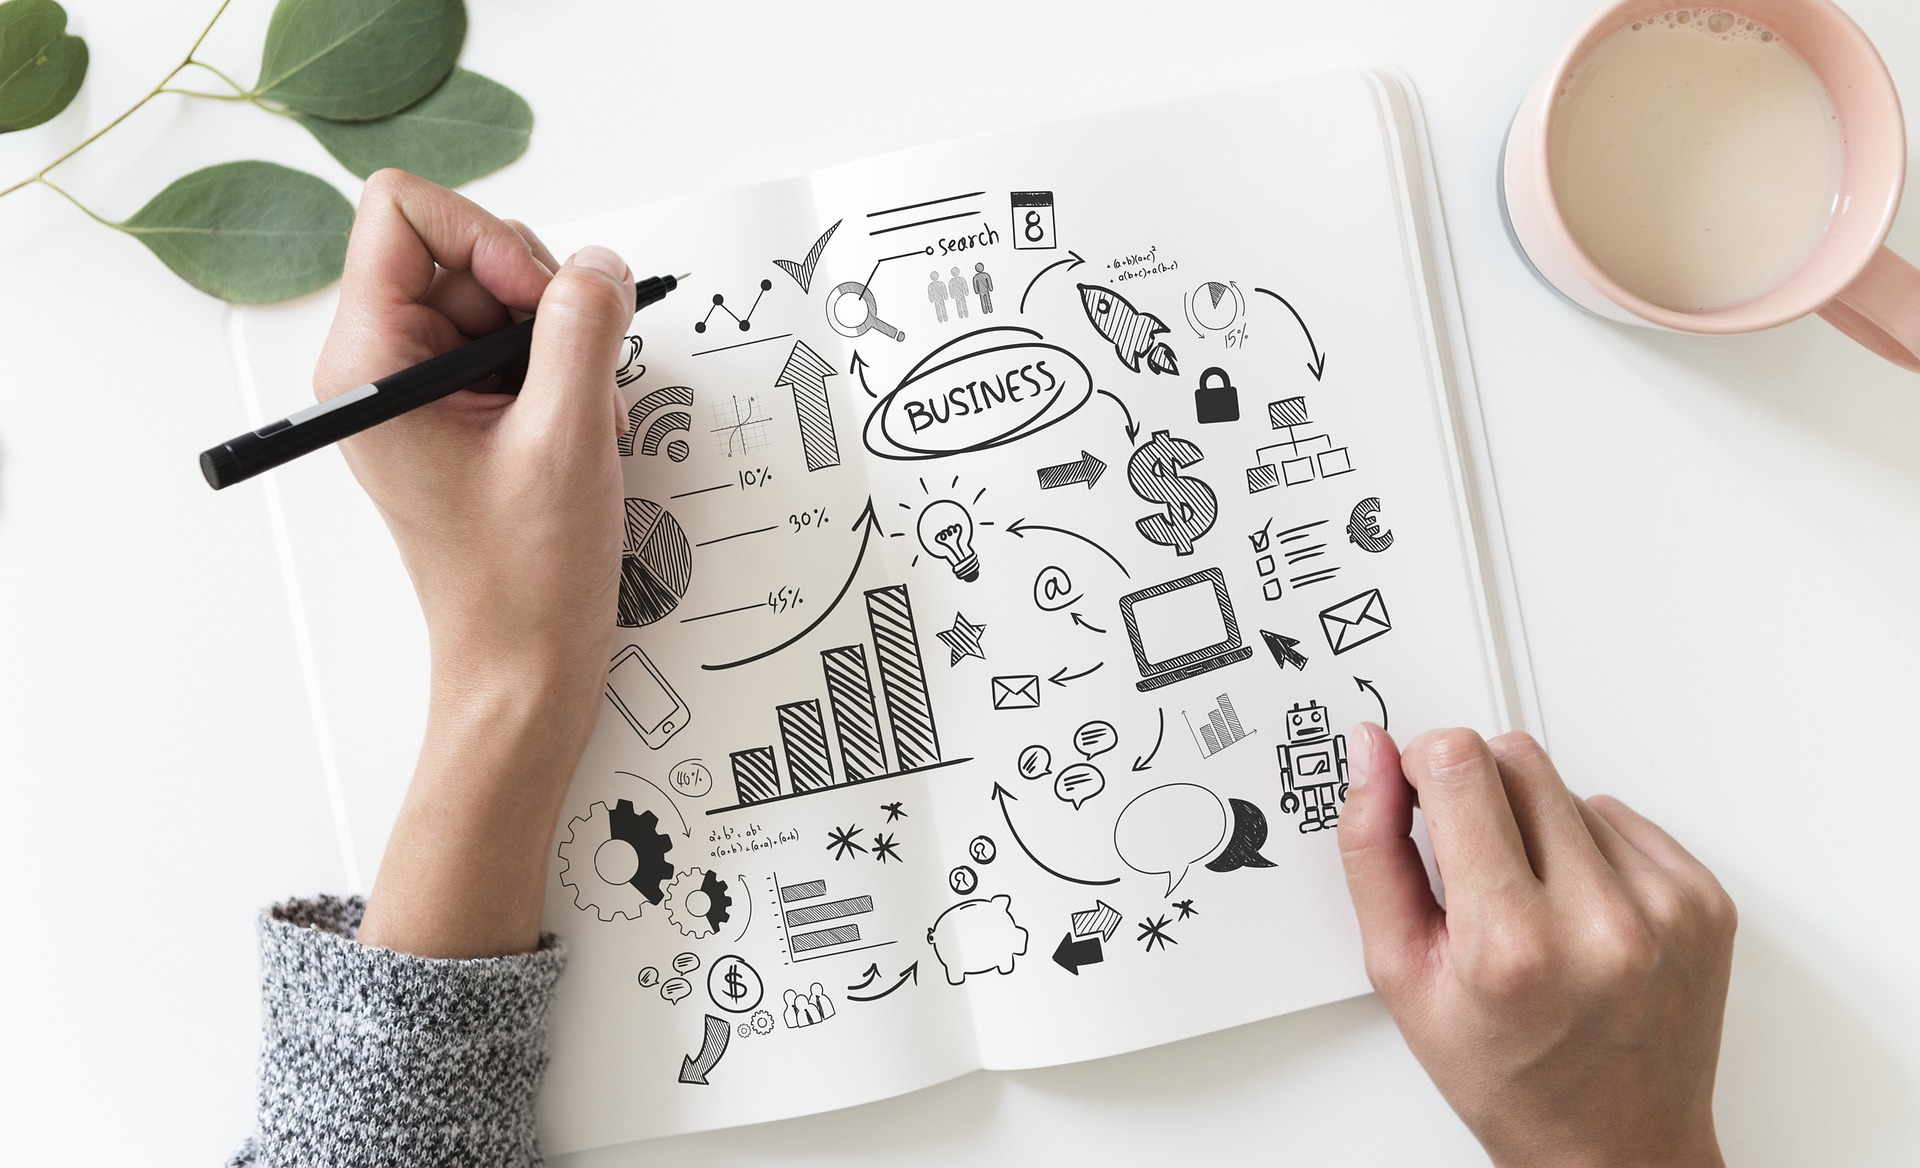 Qual a diferença entre uma startup e uma empresa convencional